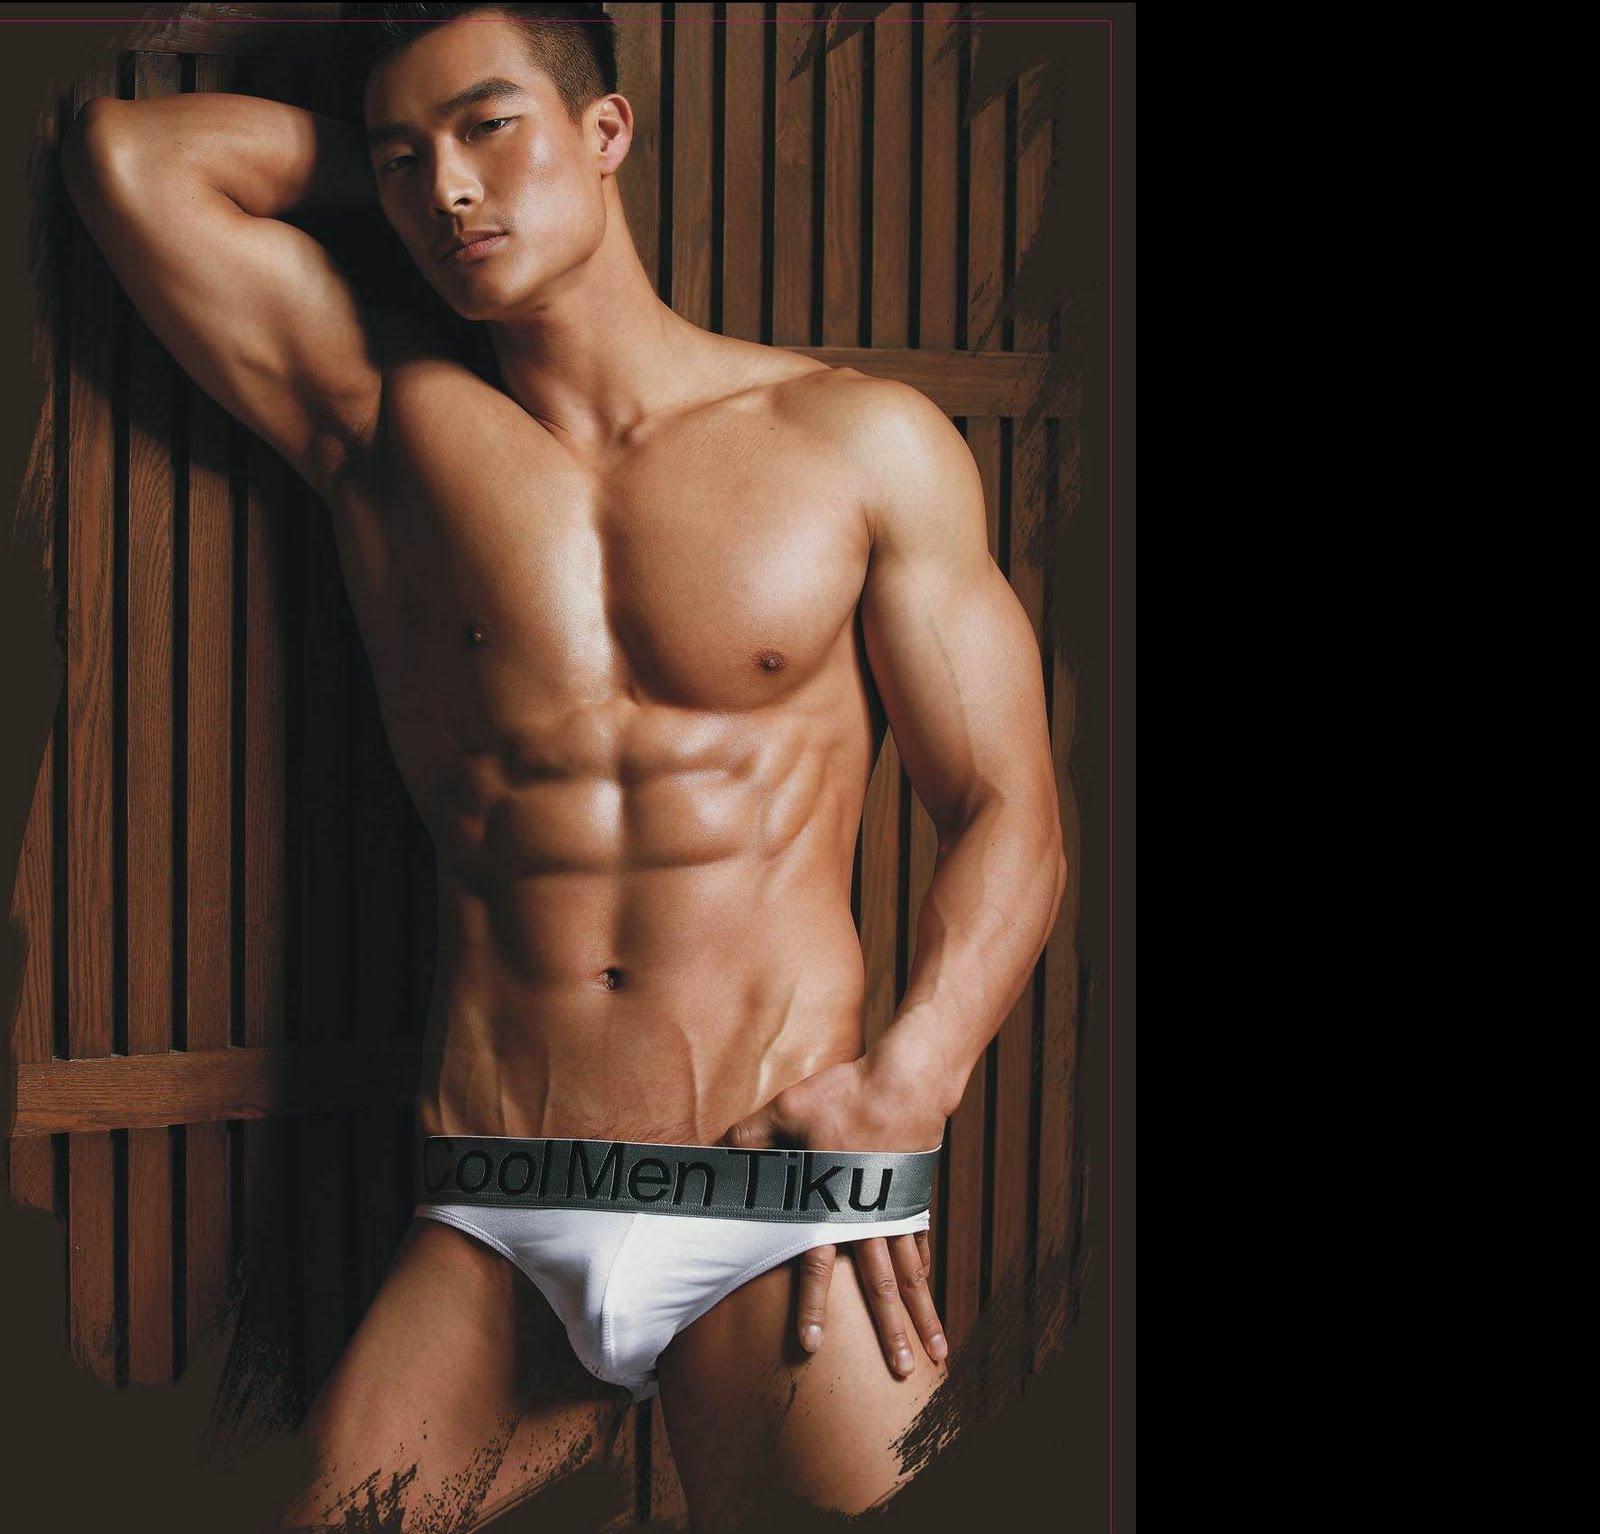 эротическое фото корейских мужчин - 1